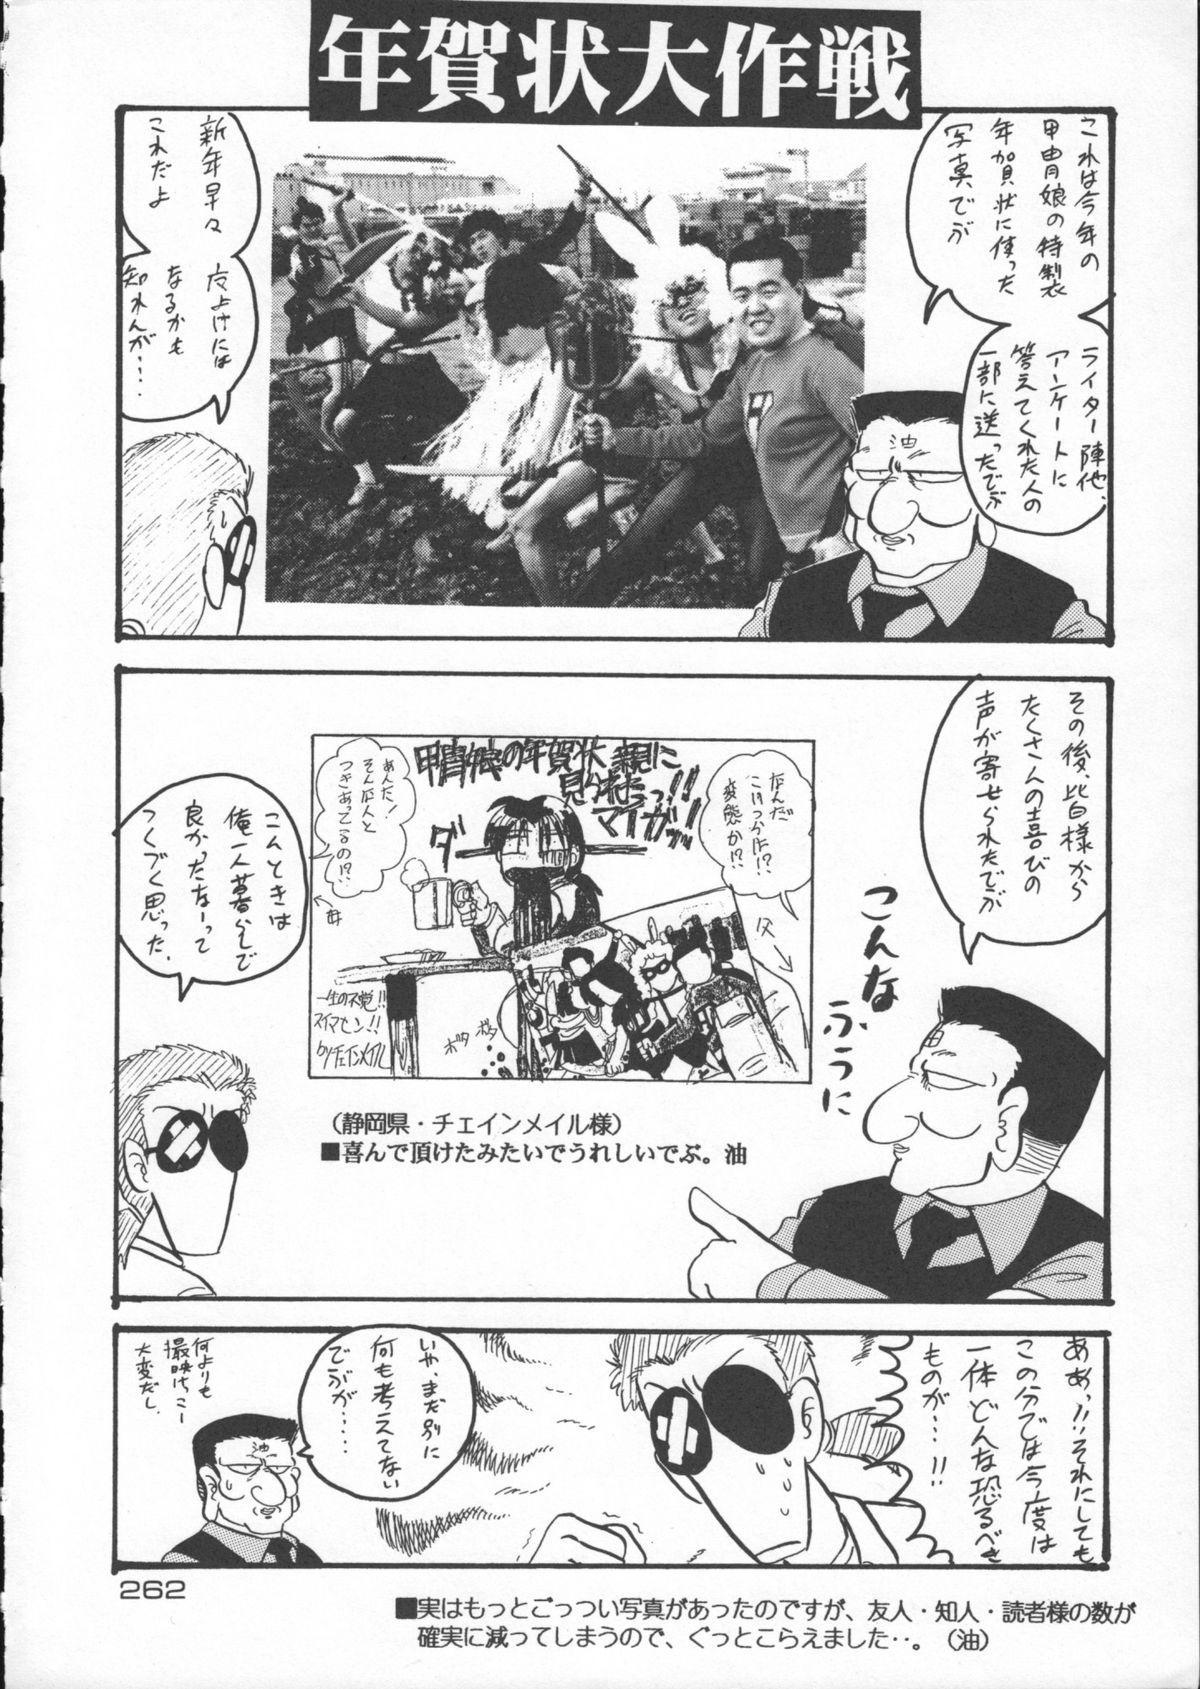 Godzilla vs Curry Aji 262